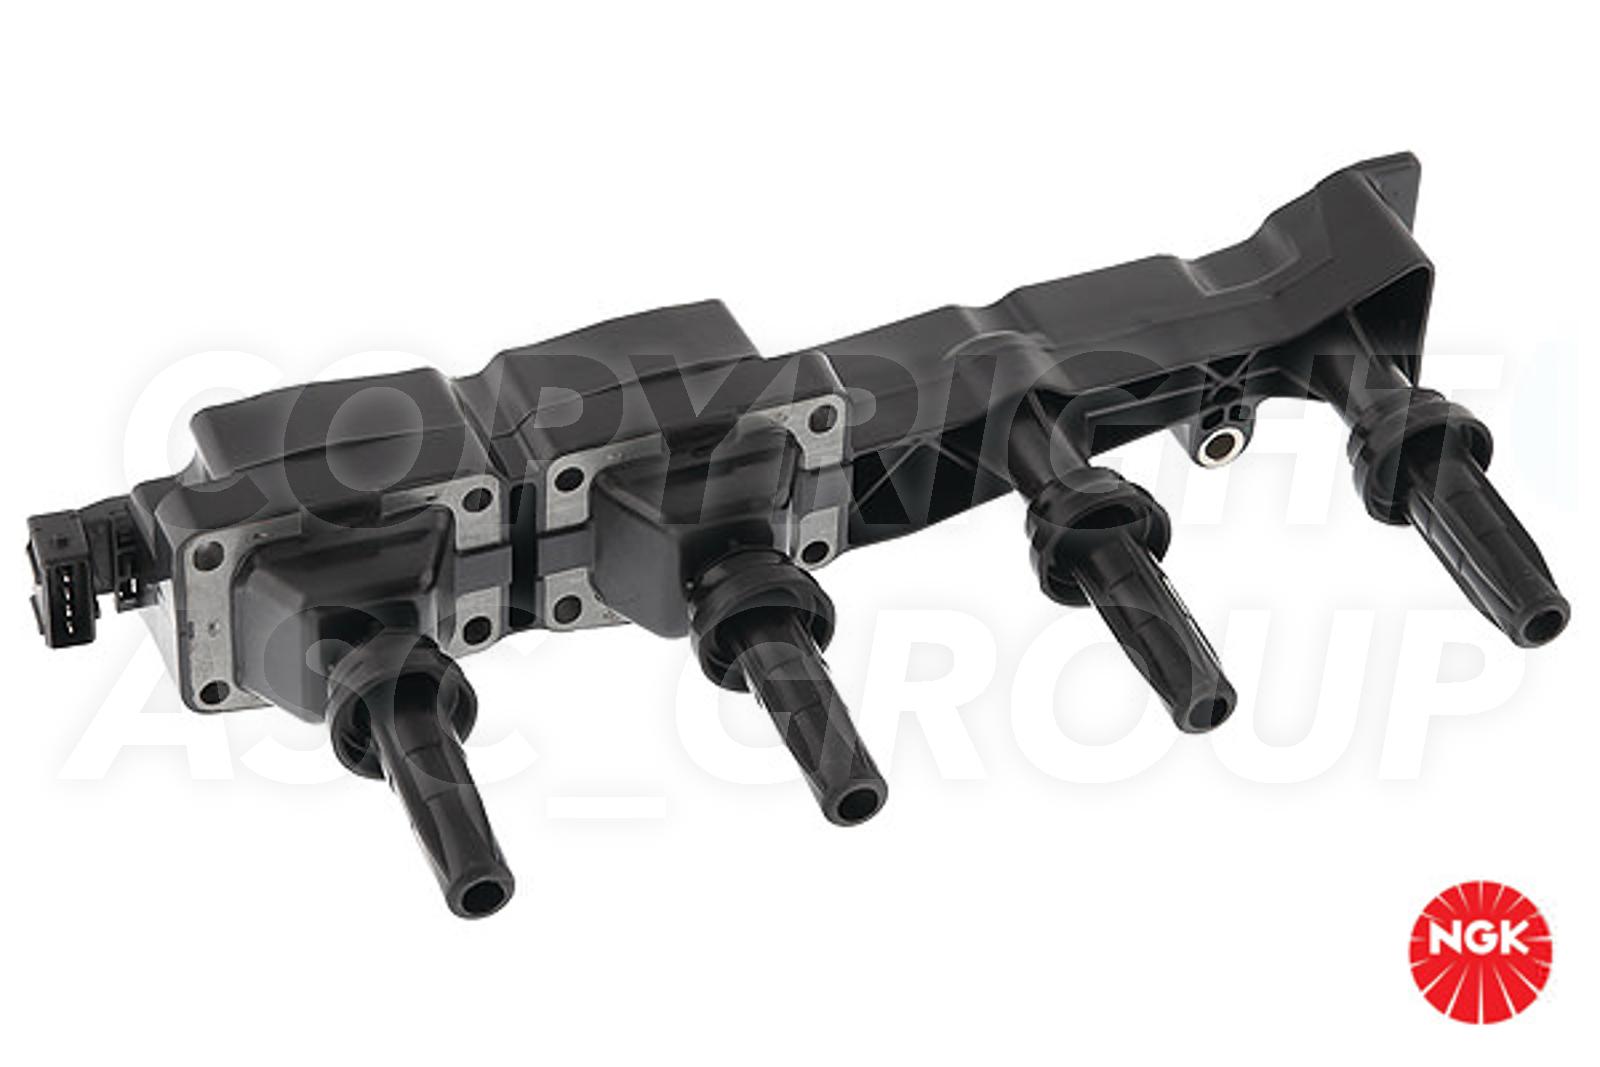 nuevo ngk bobina de carga n mero pieza u6011 n 48045 a precios comerciales ebay. Black Bedroom Furniture Sets. Home Design Ideas